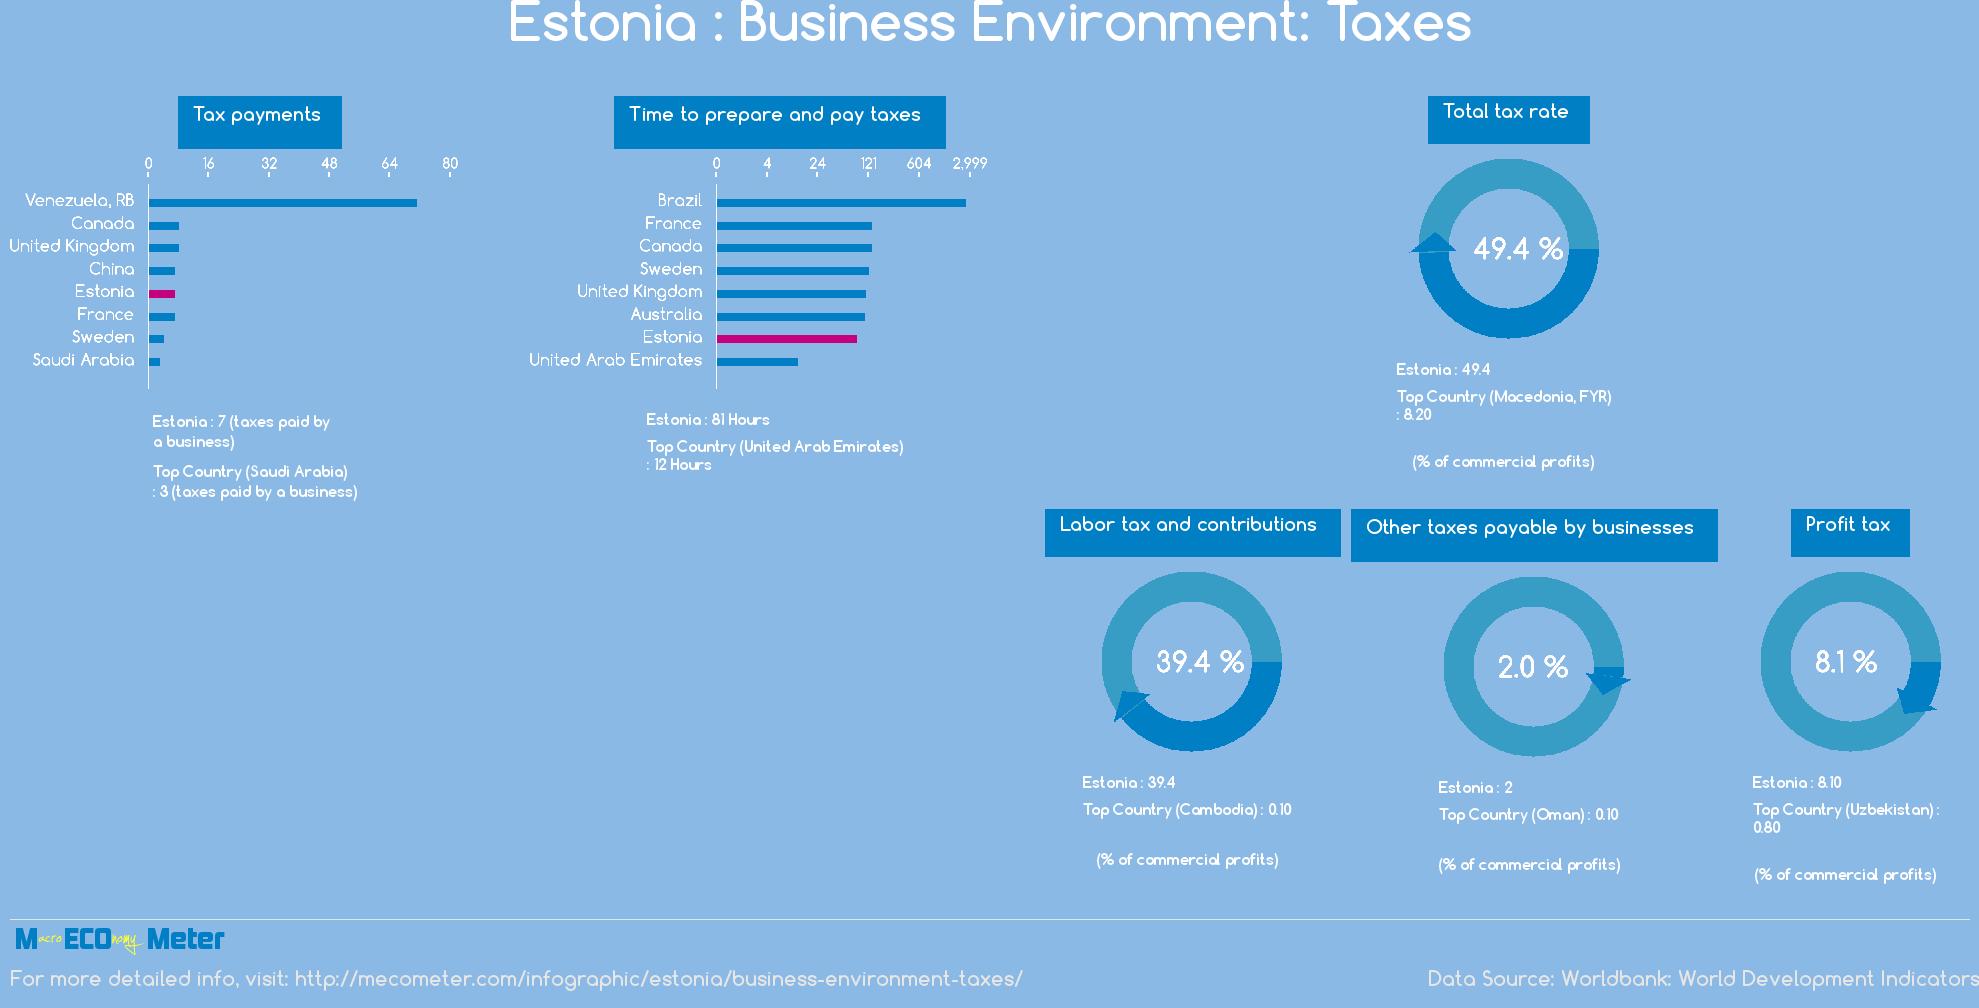 Estonia : Business Environment: Taxes